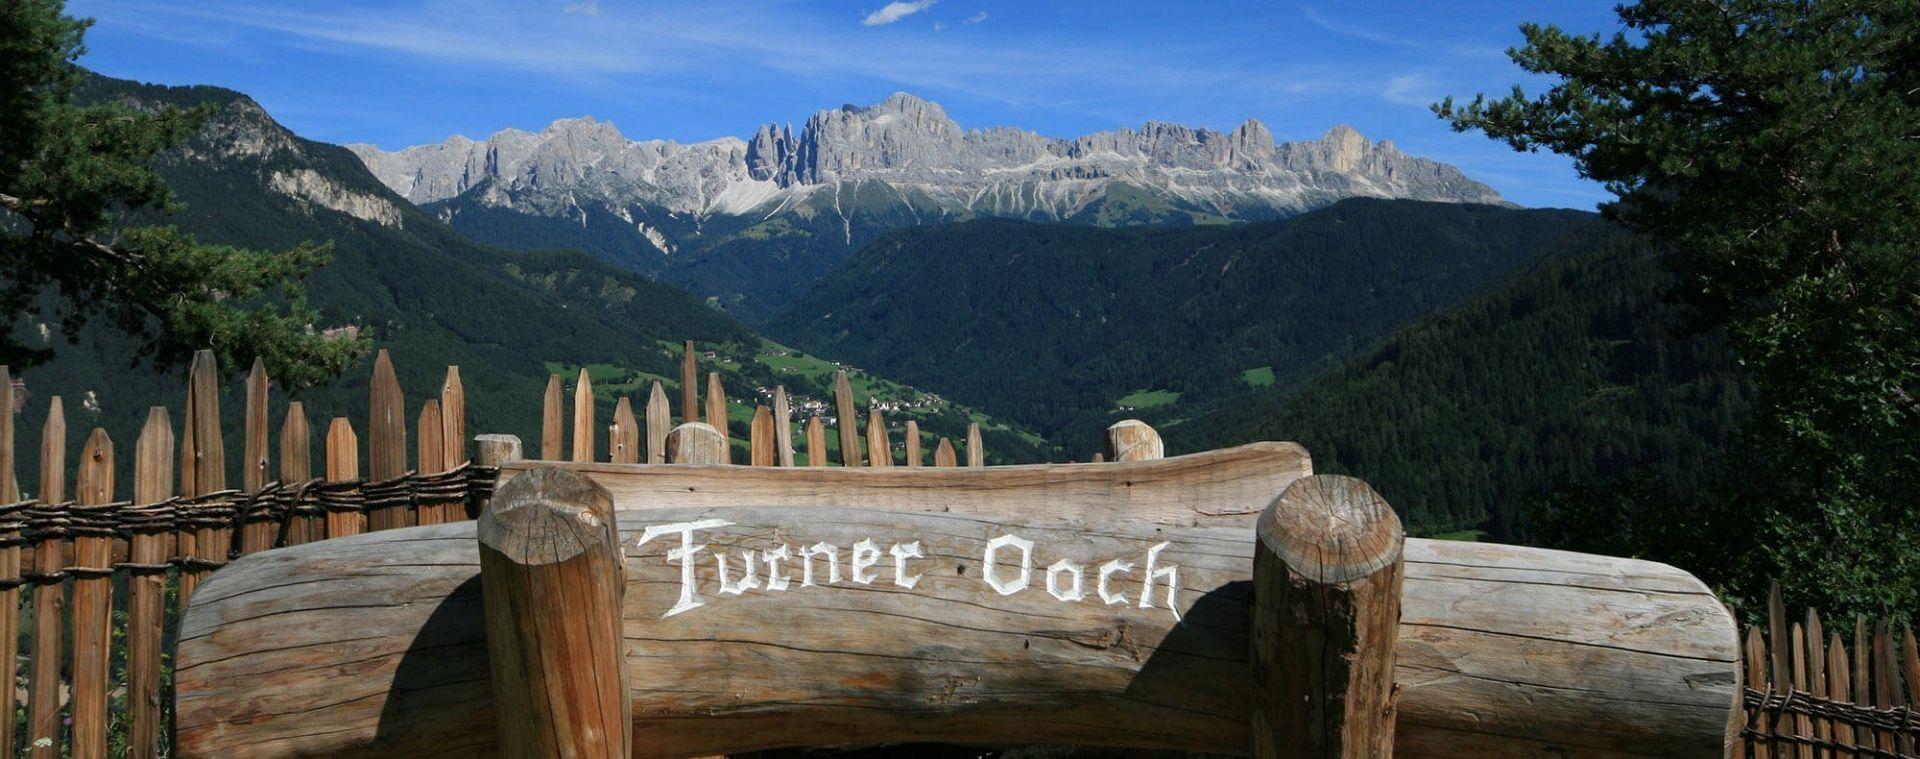 Cime maestose | Vacanza in agriturismo in Val d'Egacon fantastica vista panoramica